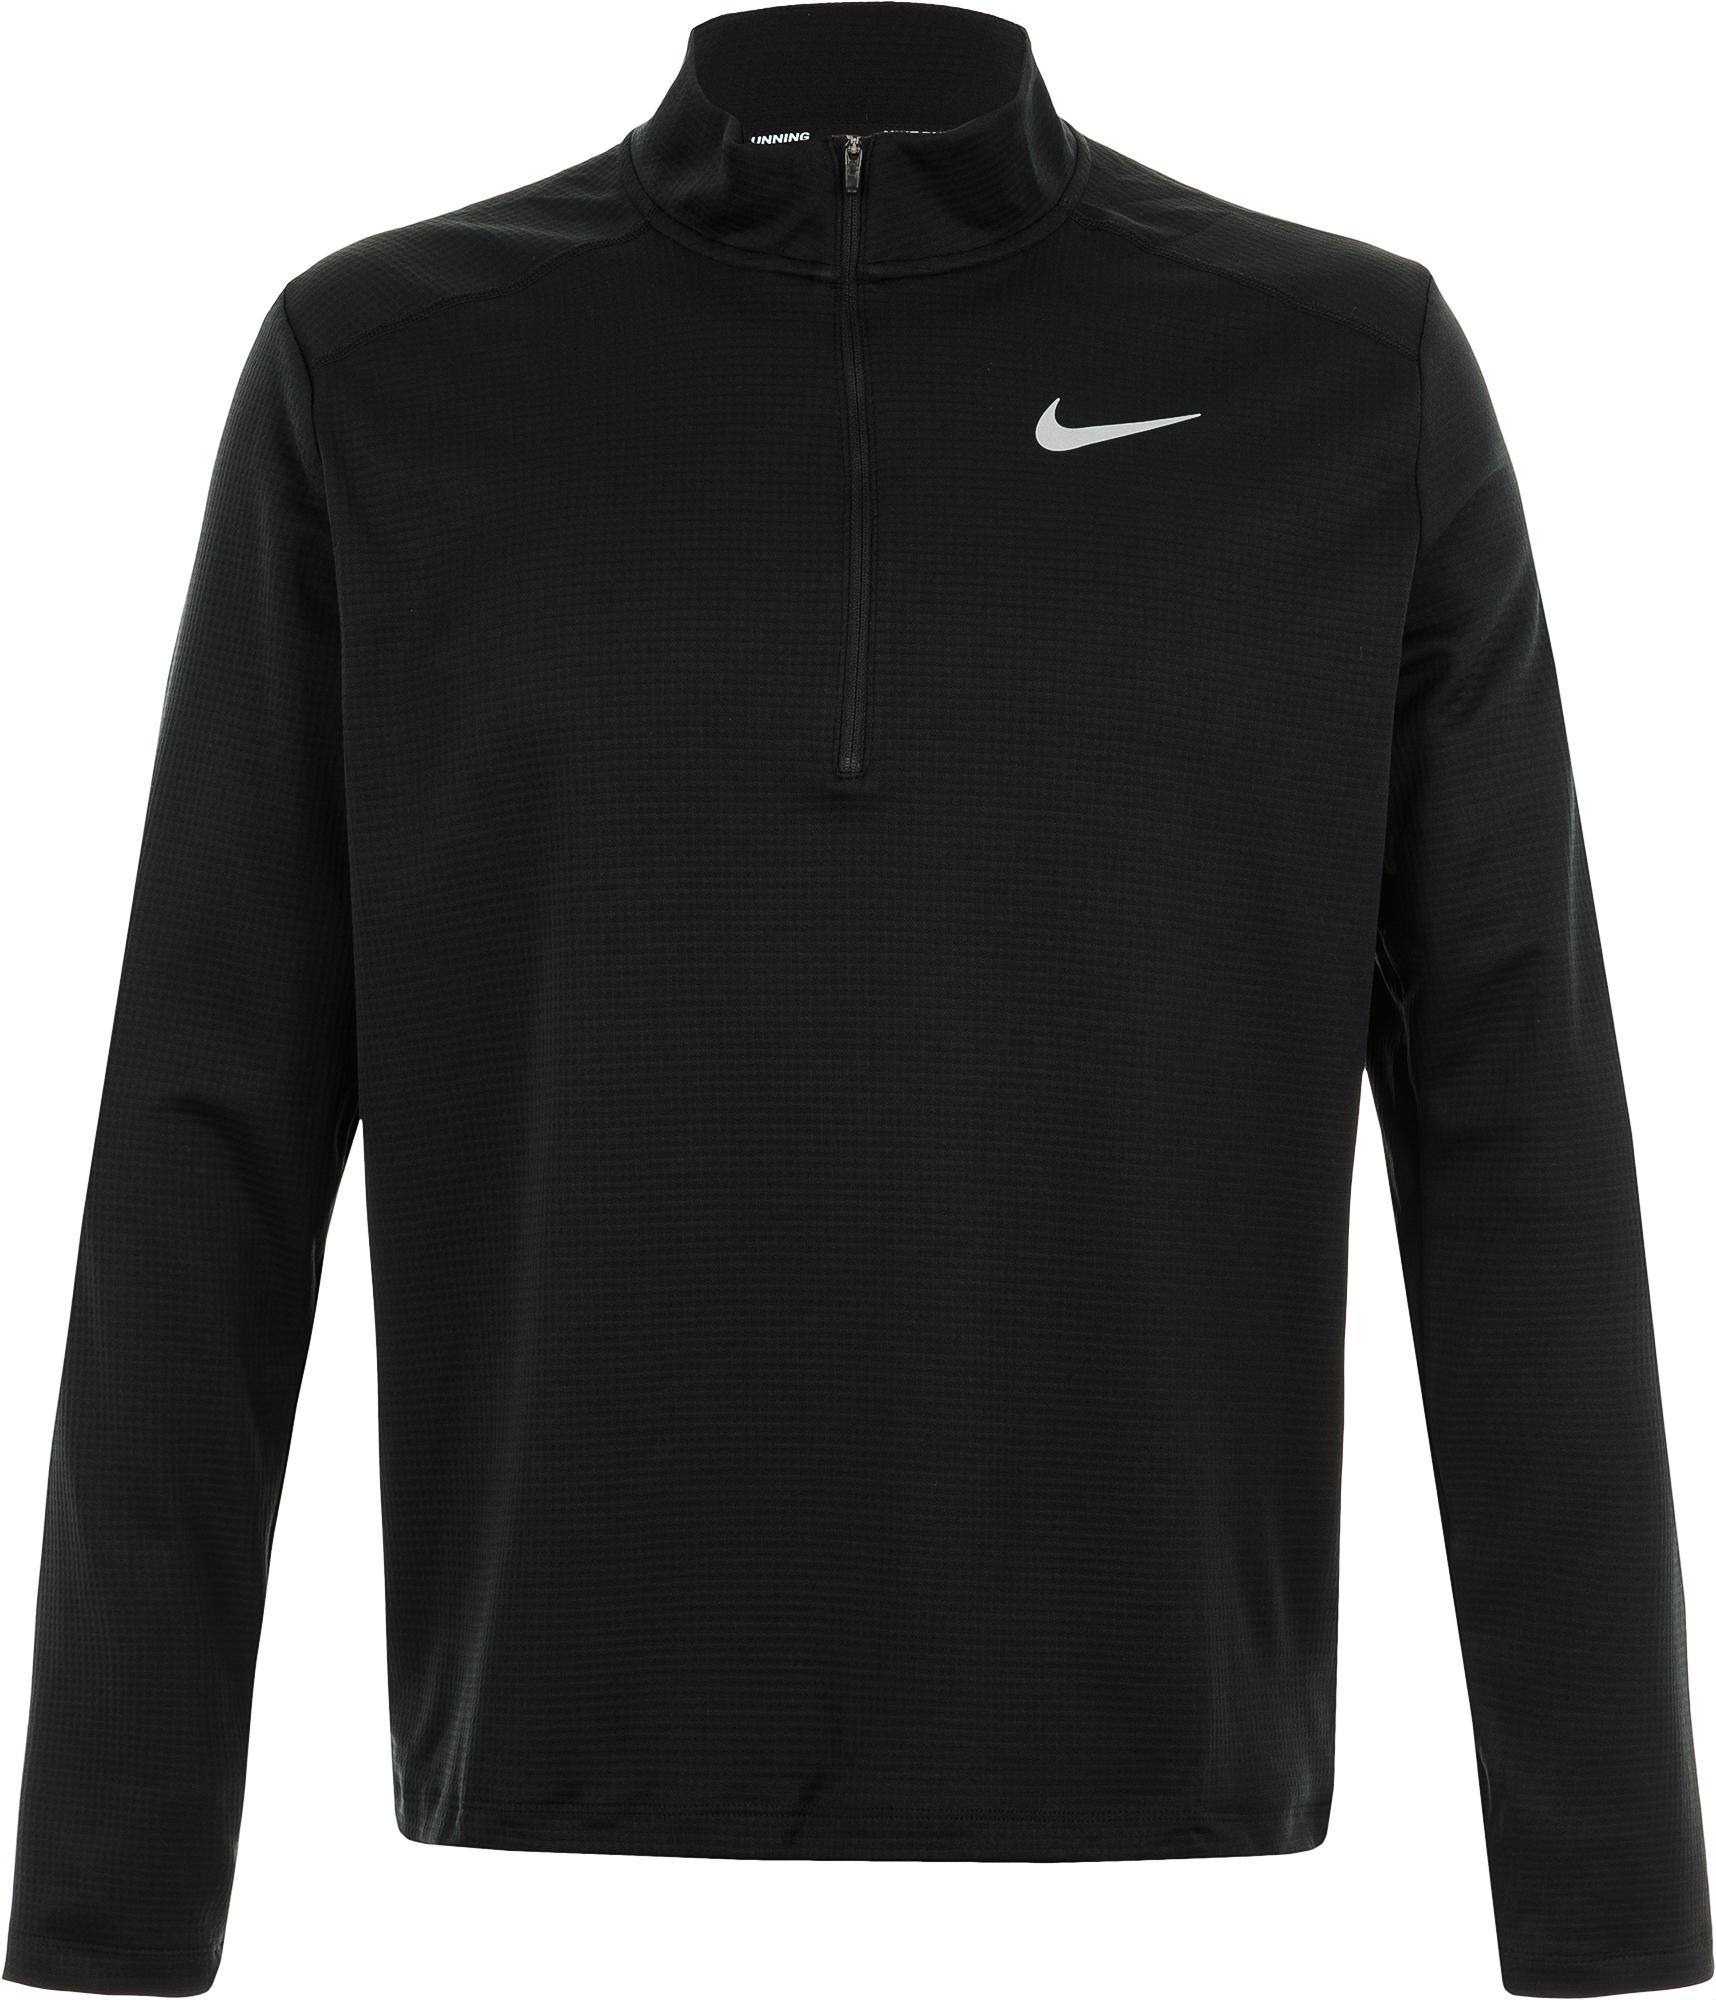 Фото - Олимпийка мужская Nike Pacer, размер 46-48 олимпийка nike zenit av9870 498